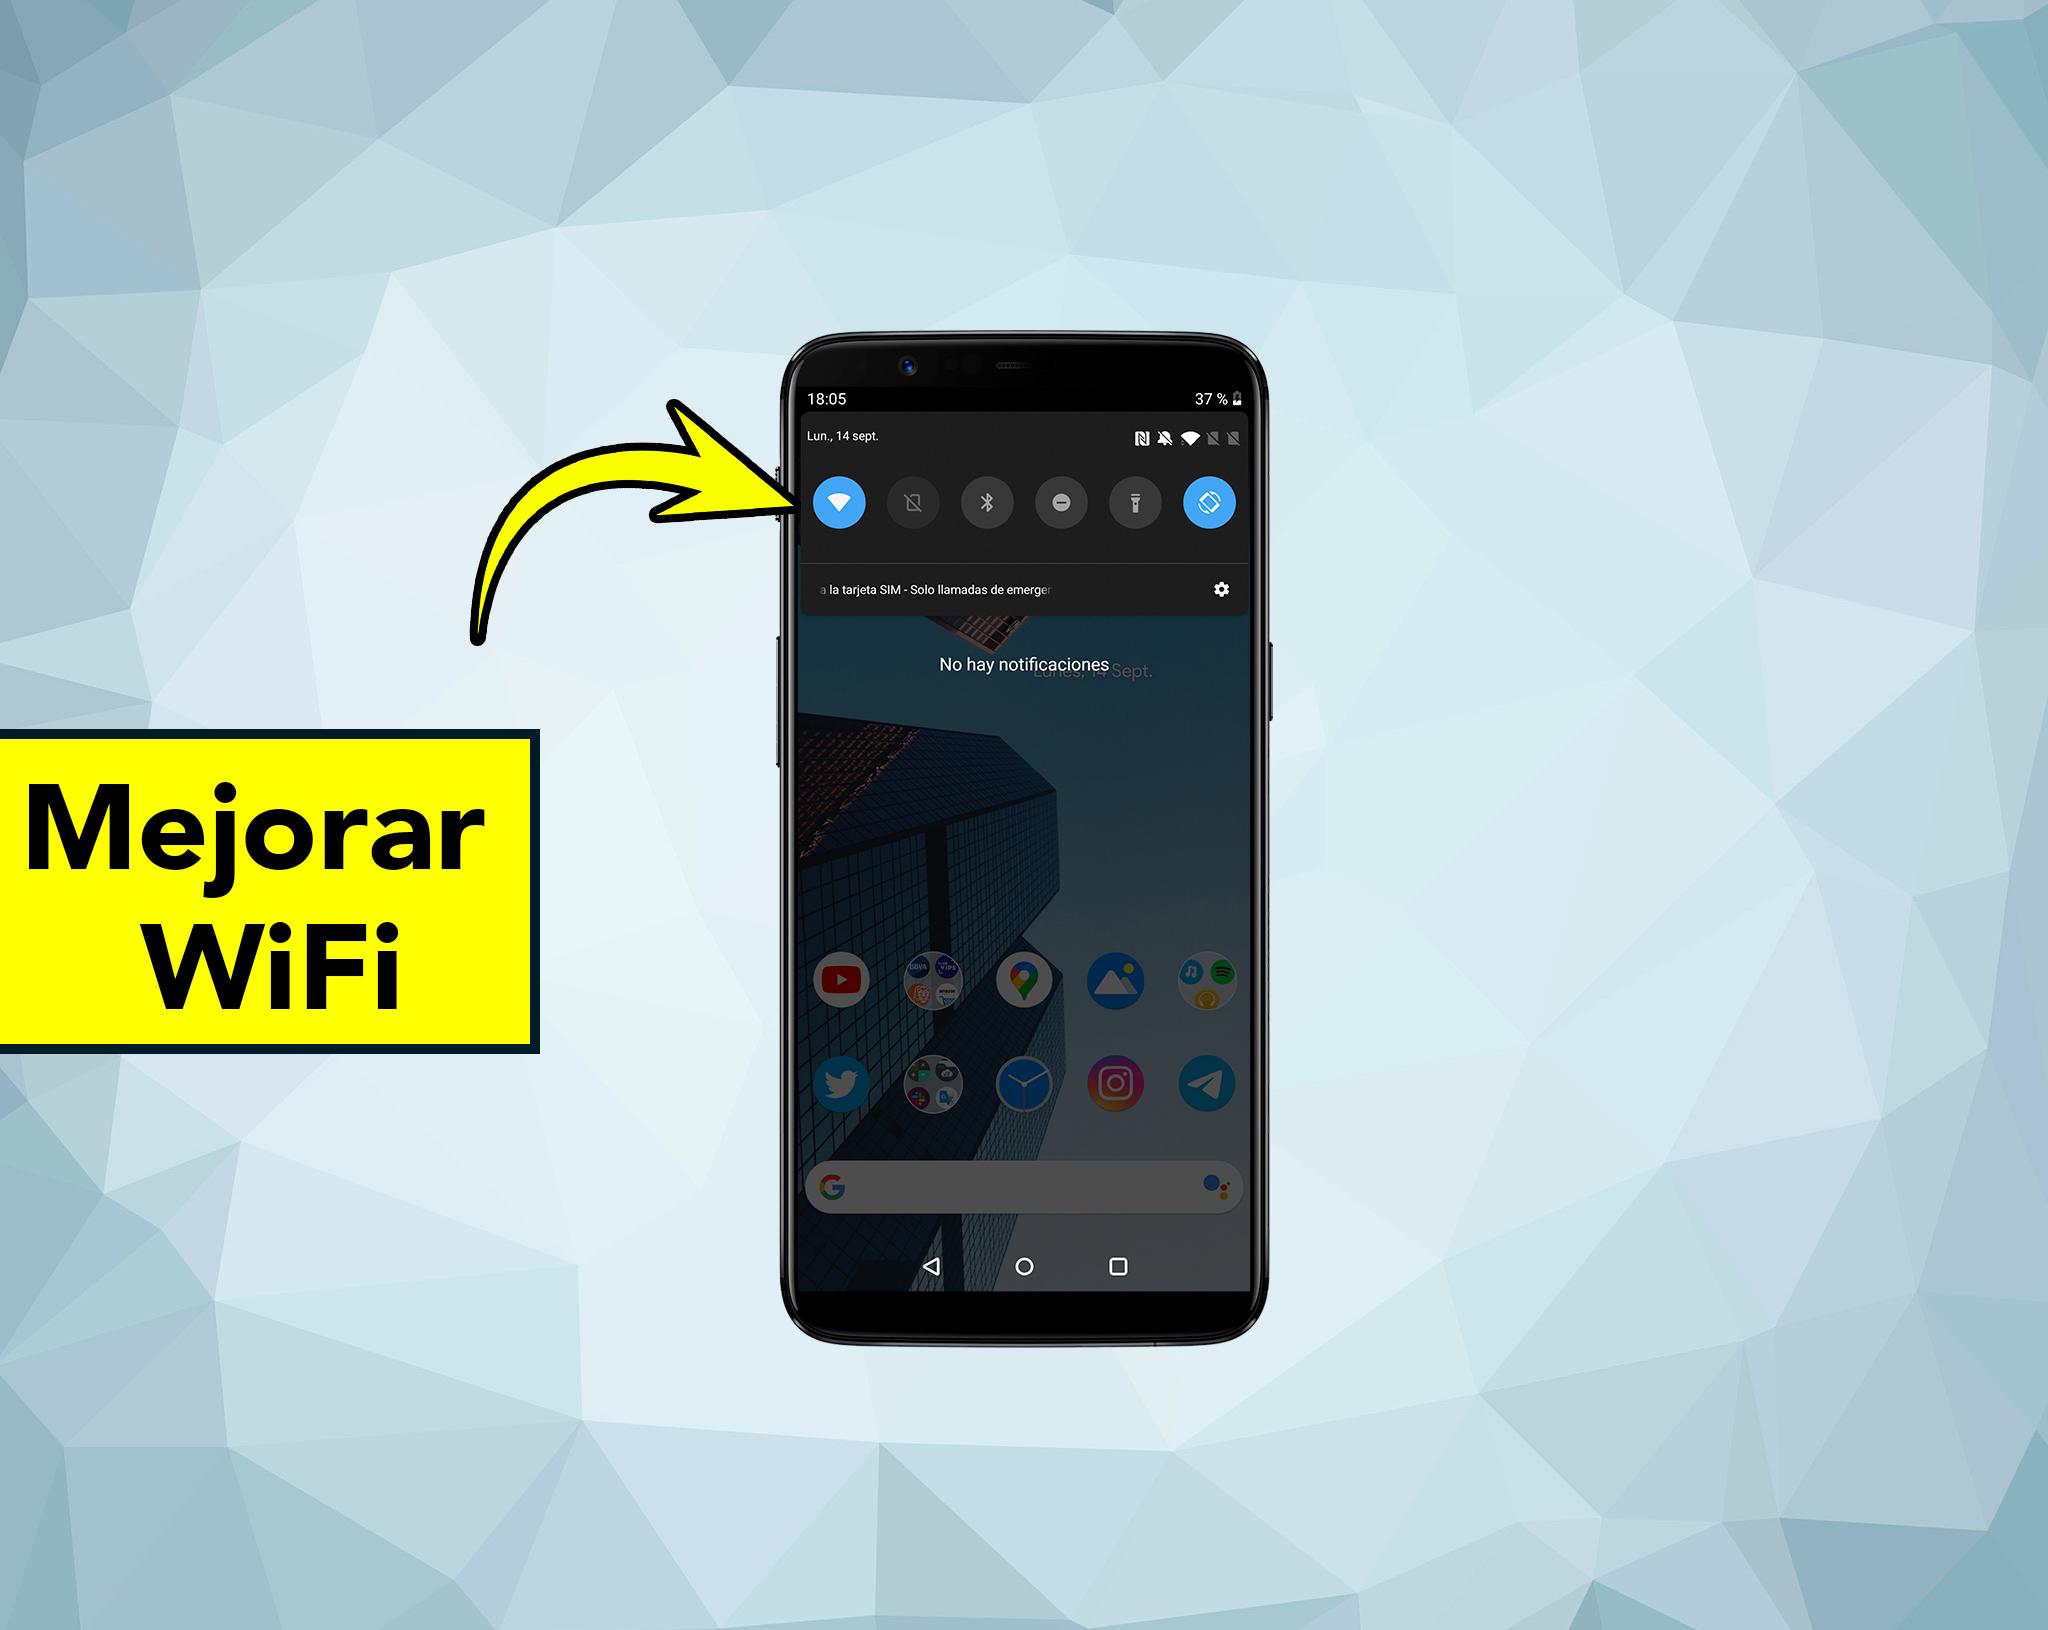 El mejor truco para mejorar el WiFi en el móvil: más velocidad y estabilidad